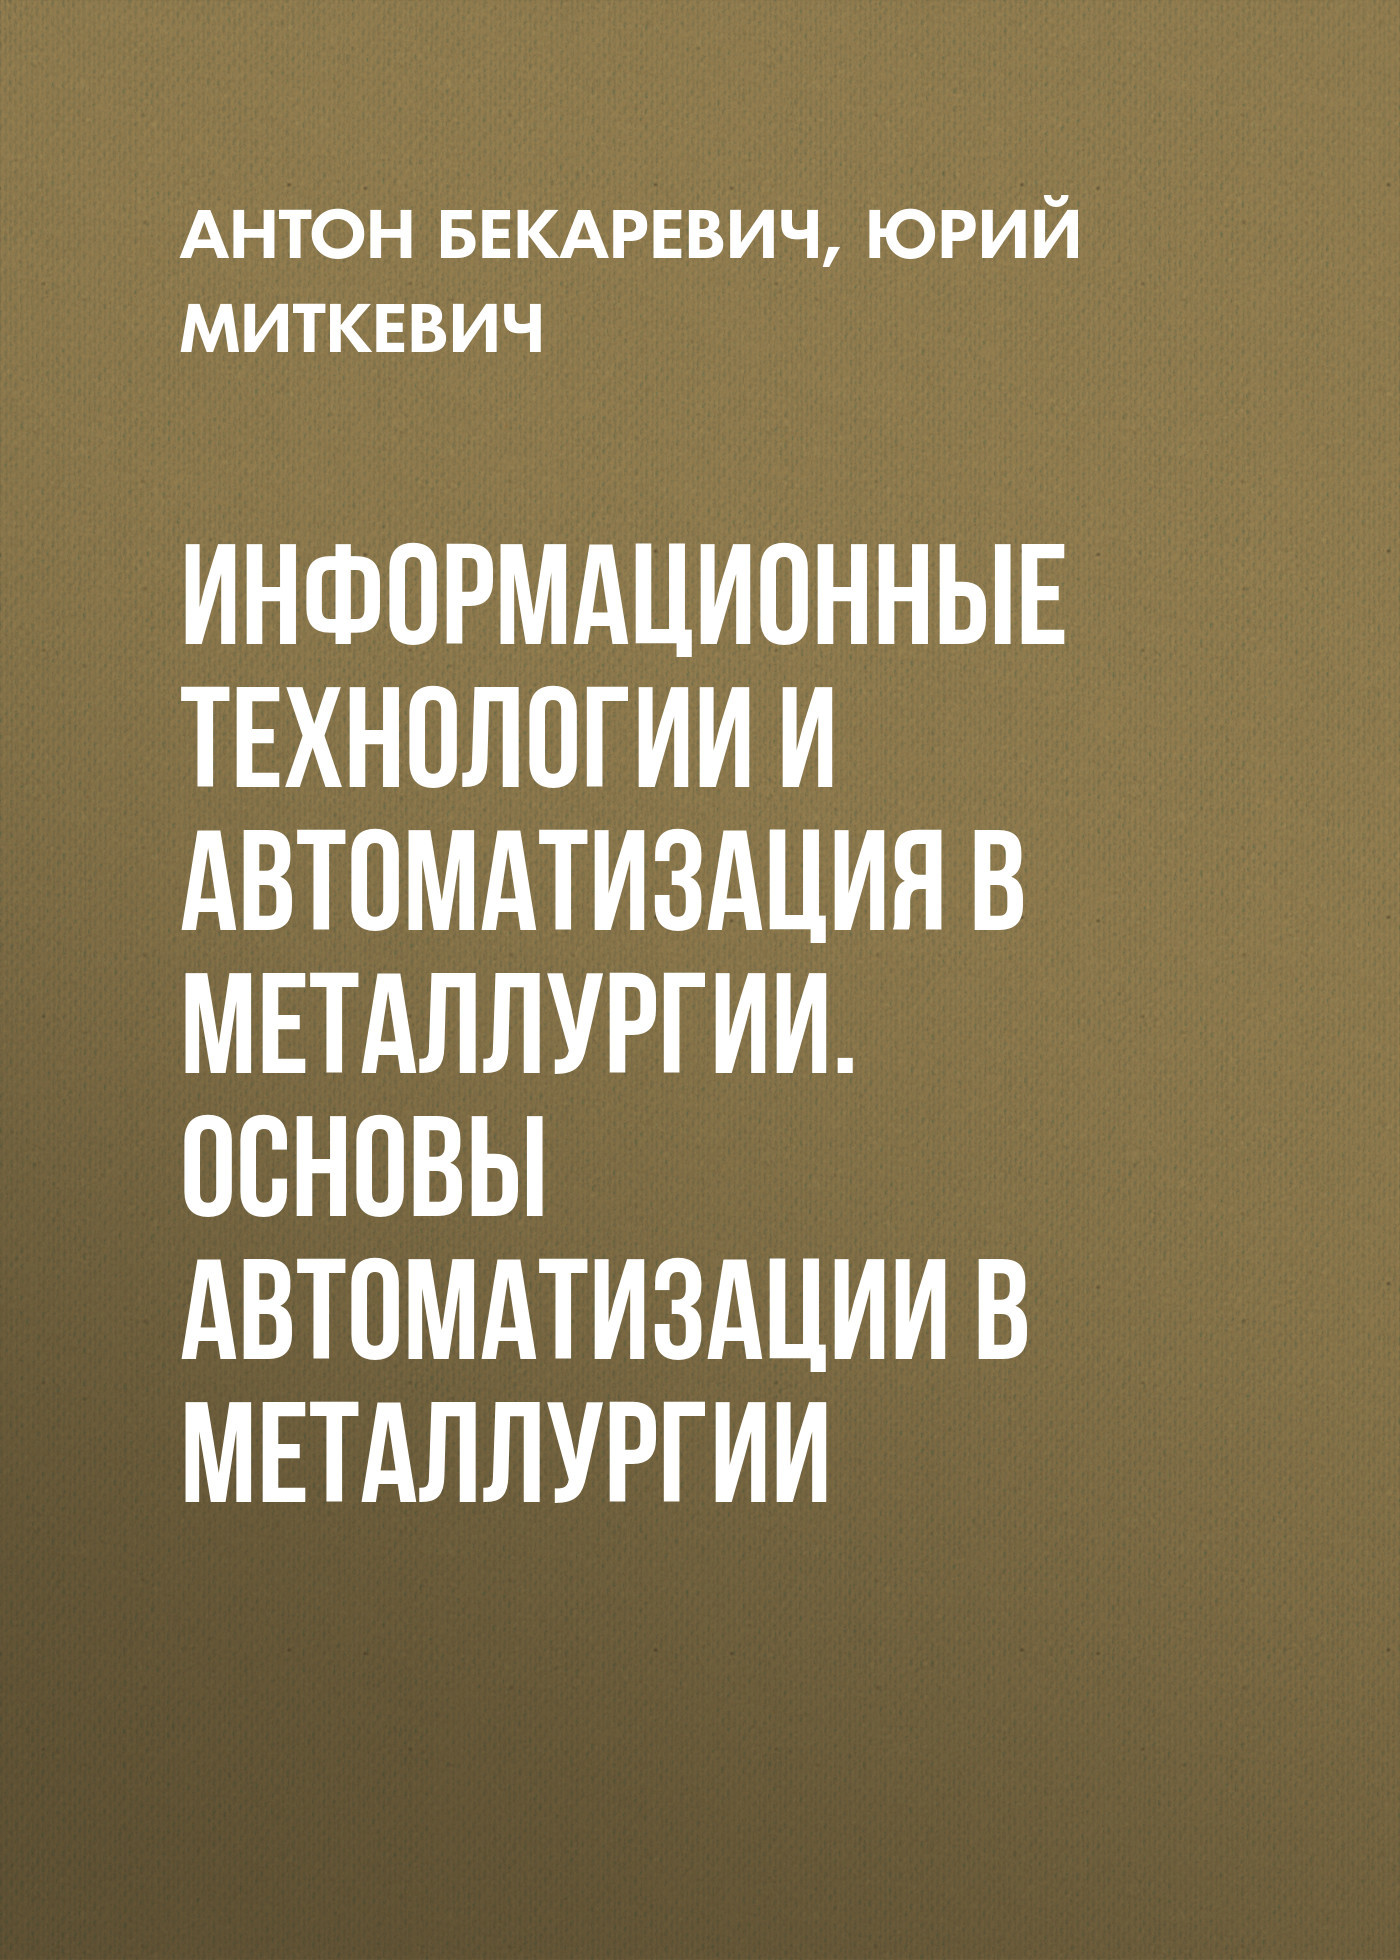 Юрий Миткевич Информационные технологии и автоматизация в металлургии. Основы автоматизации в металлургии основы экономически наилучшей автоматизации технологий птицеводства